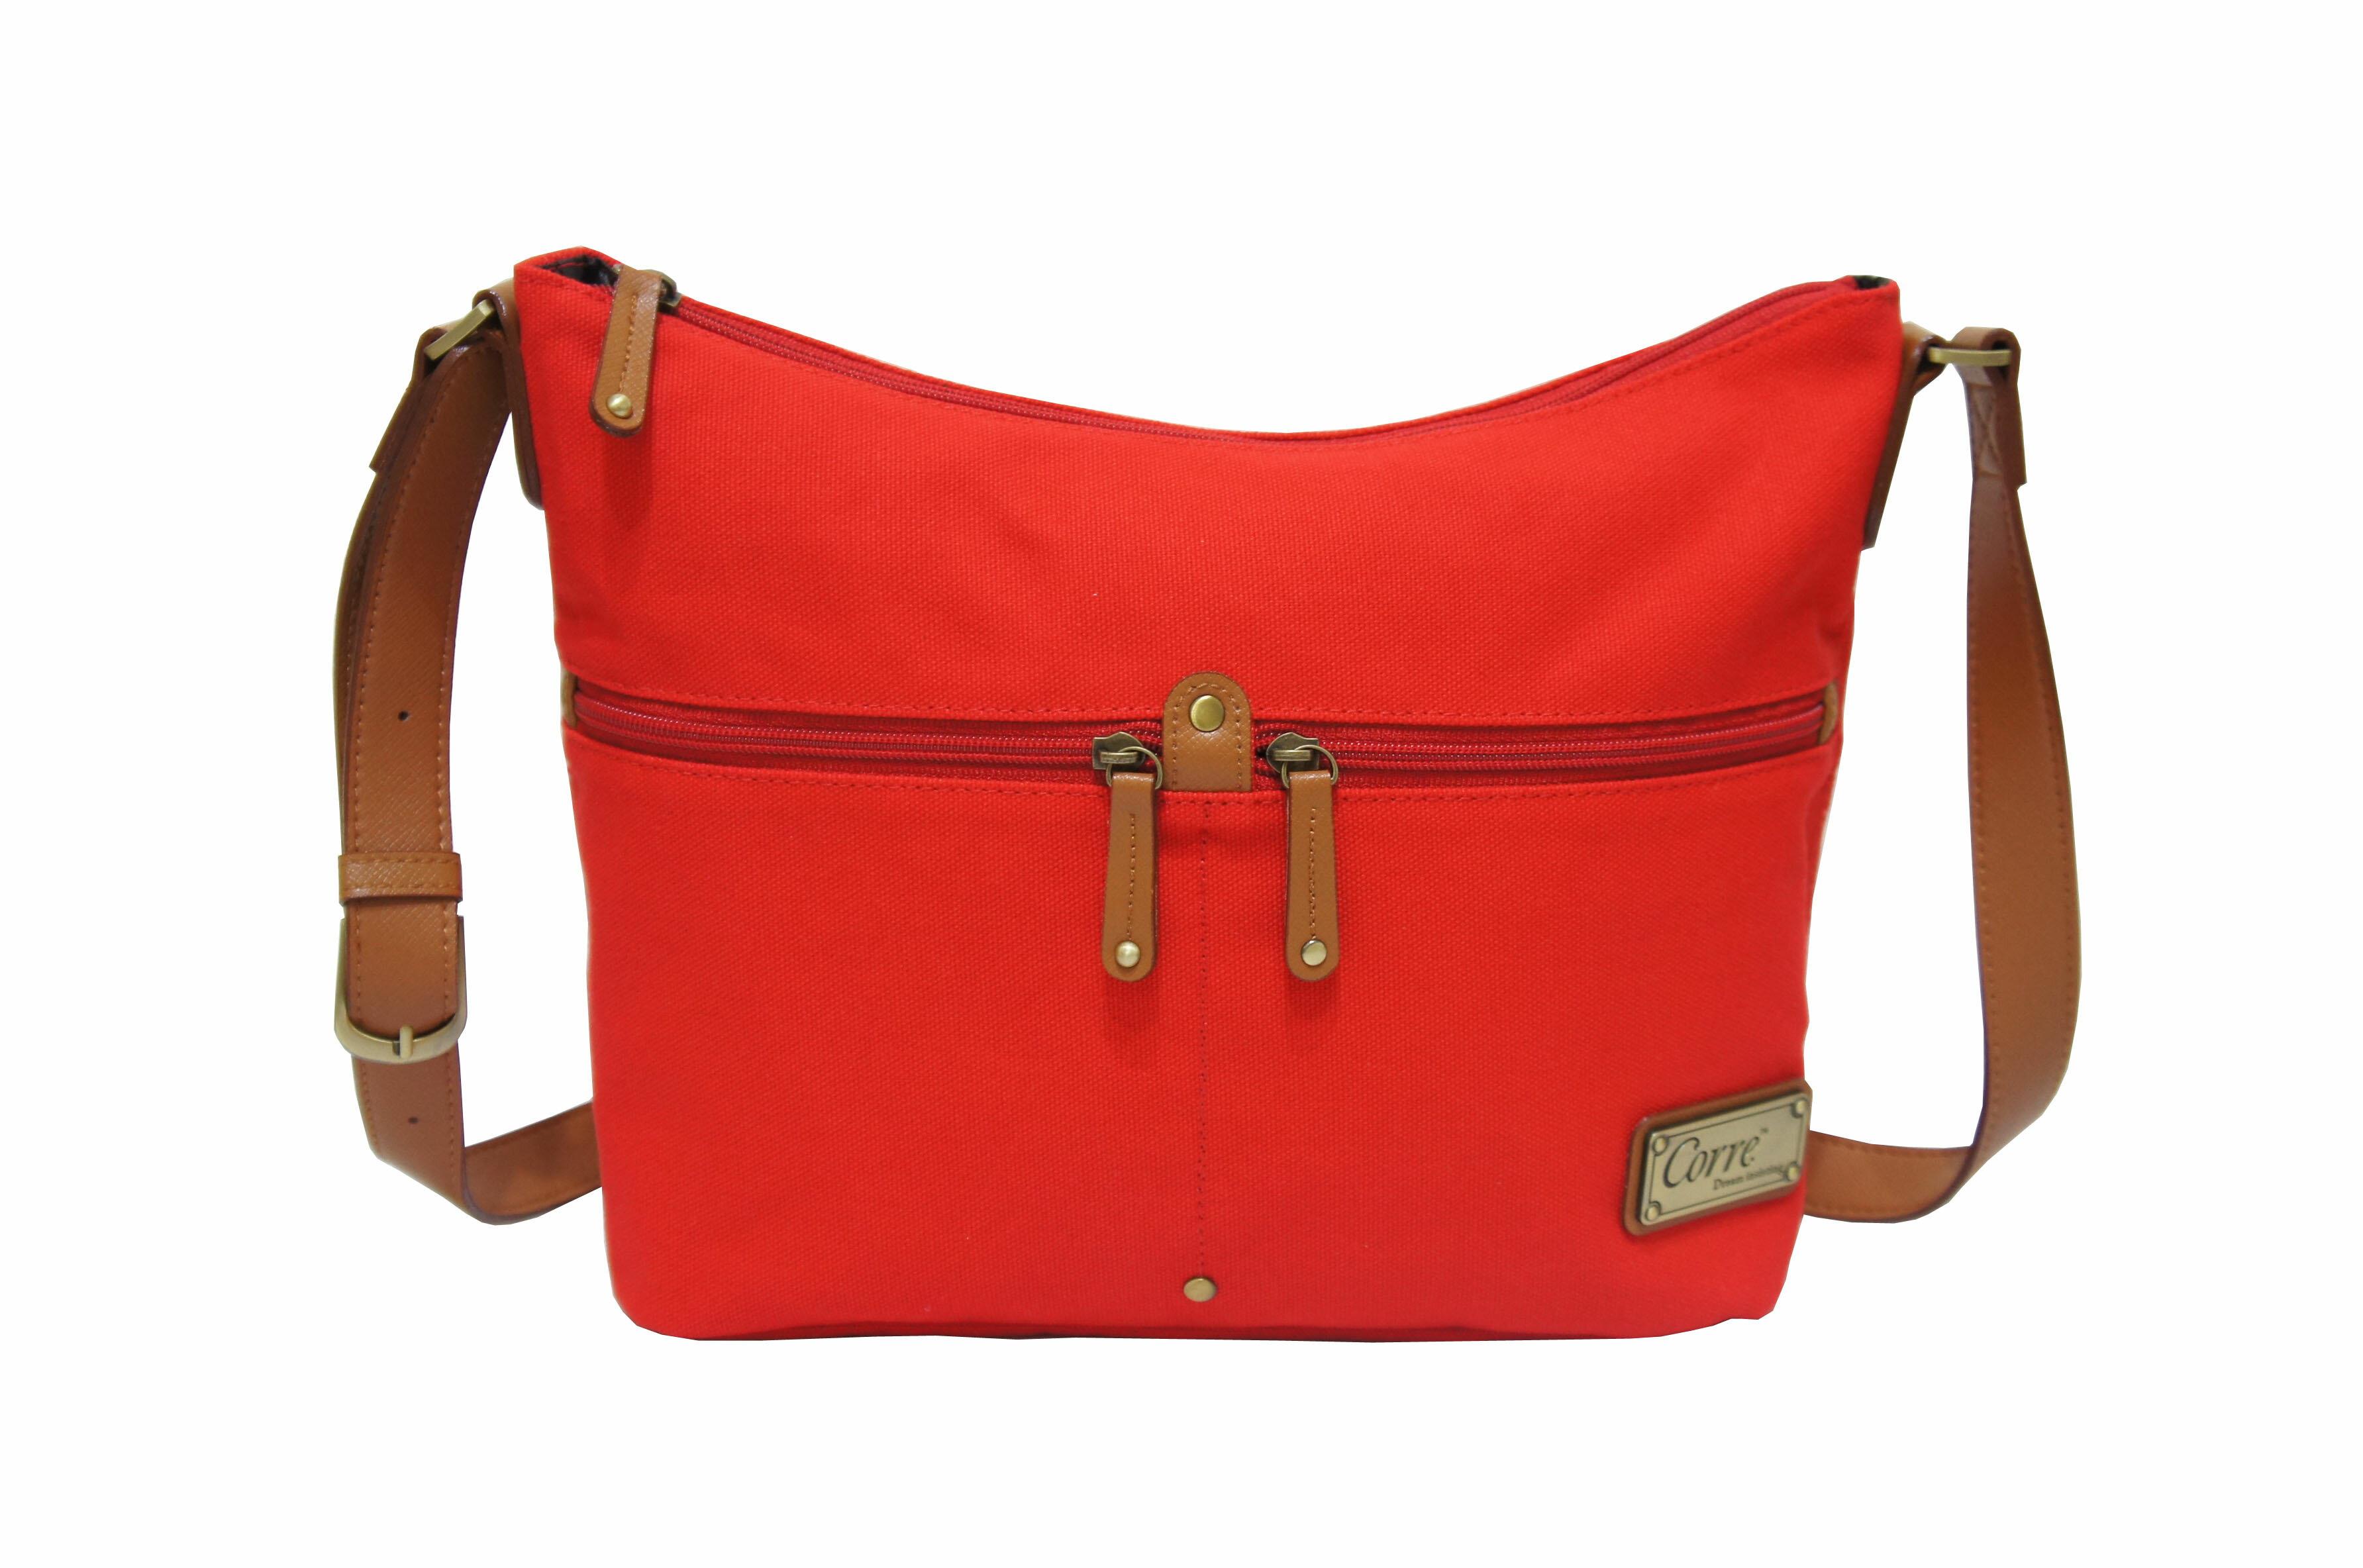 CP024帆布手提肩背包共2色 紅/馬卡龍綠 0